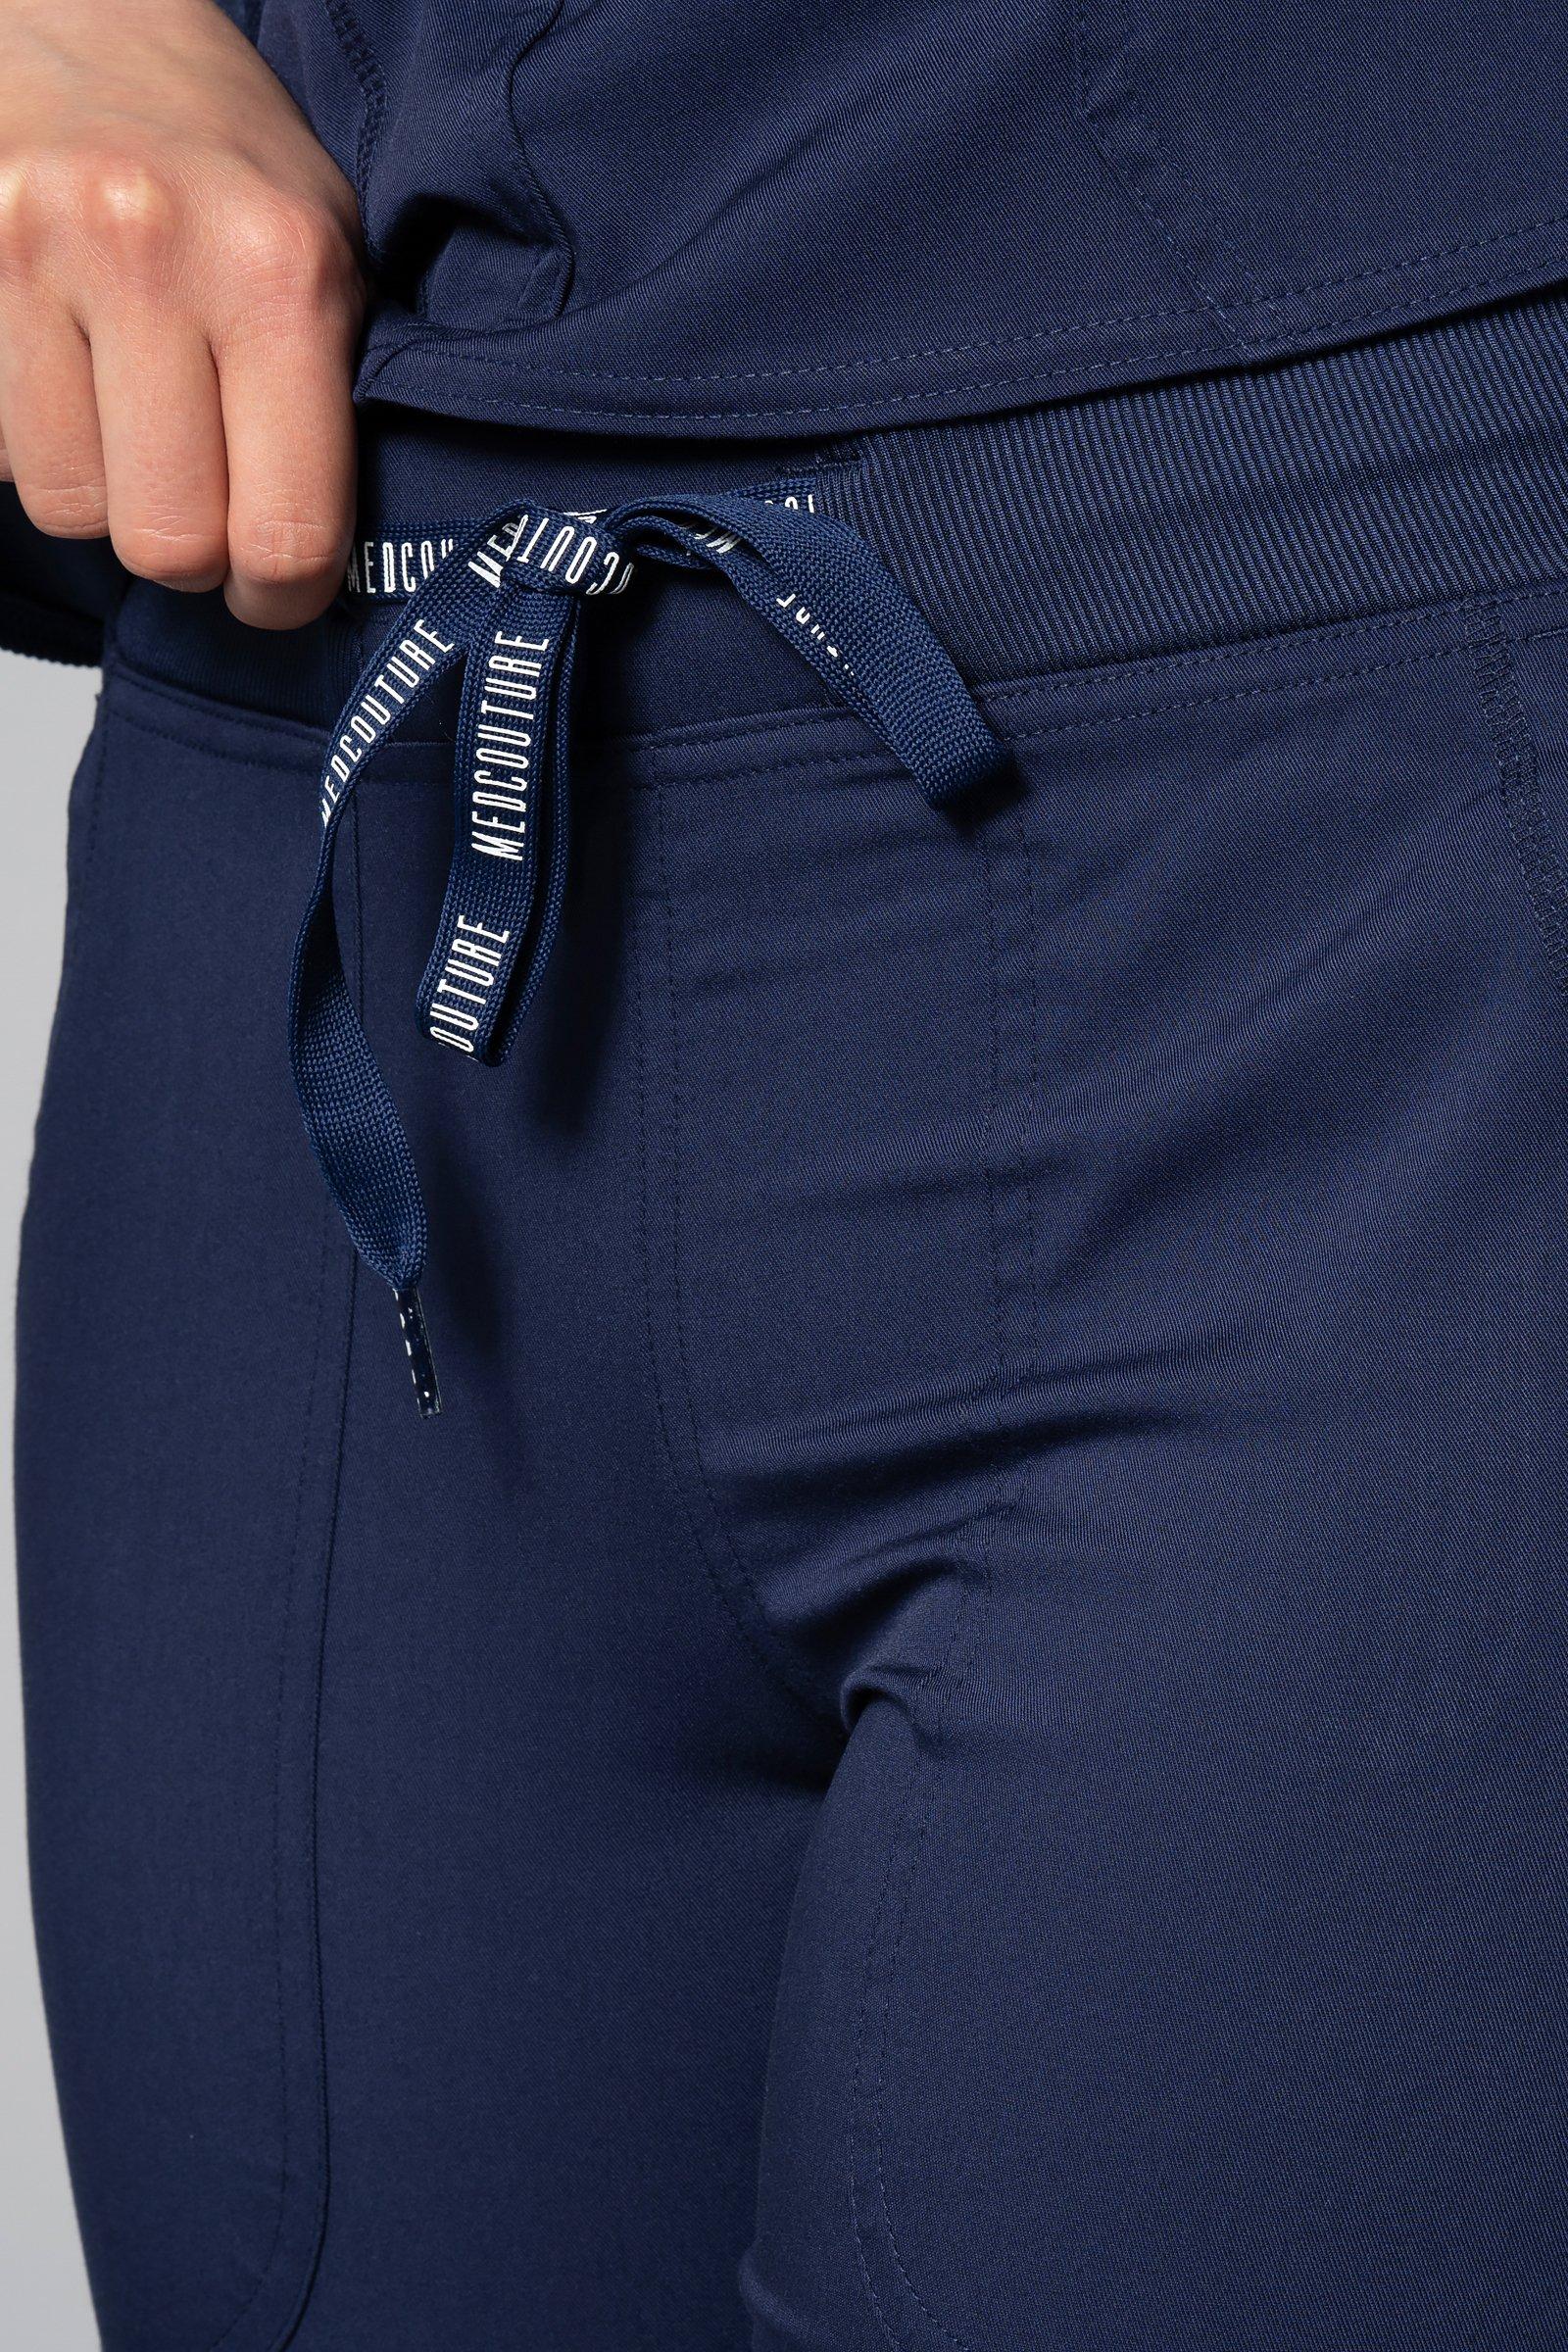 902a5444 Spodnie medyczne damskie Med Couture Performance Touch, 7710-NAVY